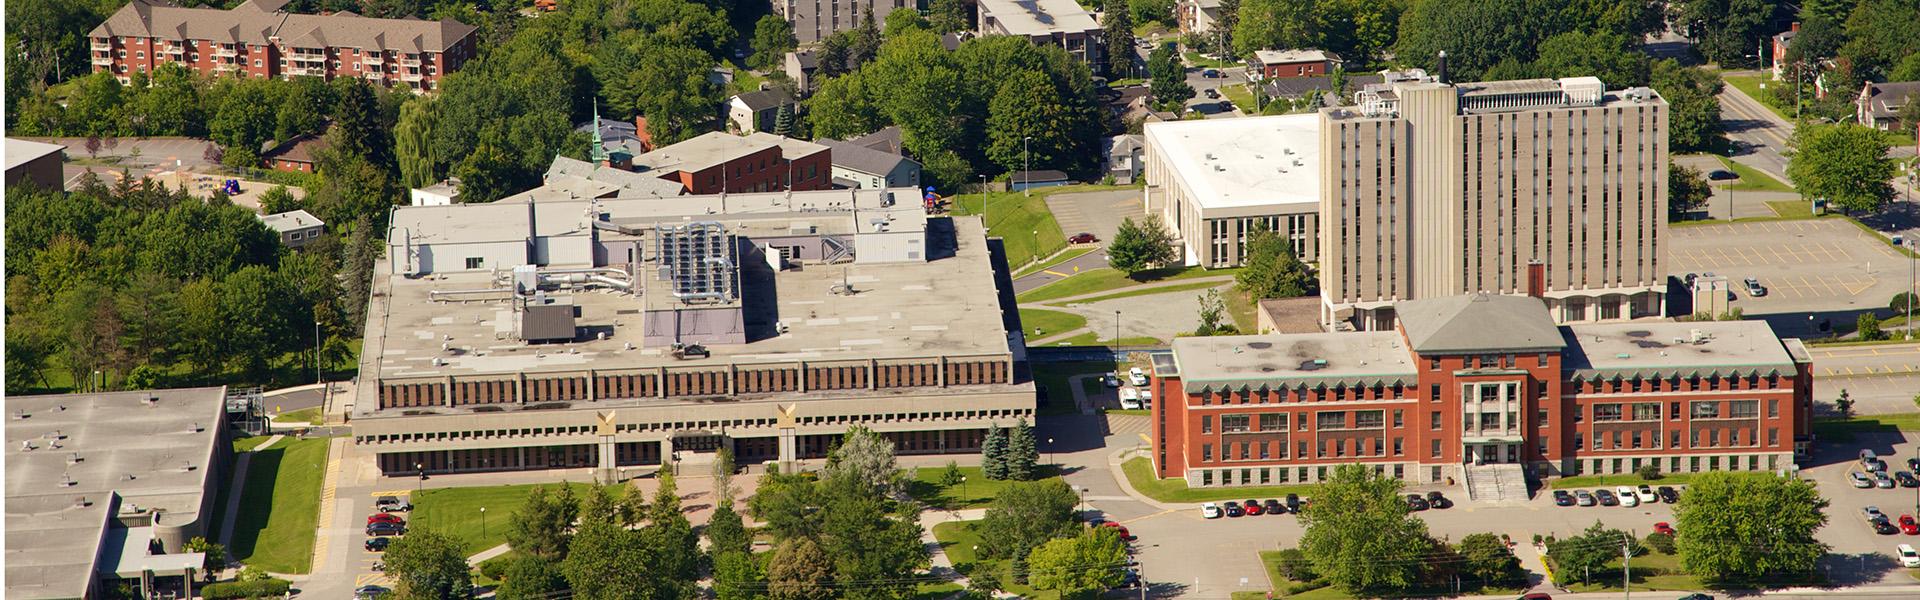 Photo aérienne du campus du Cégep de Sherbrooke